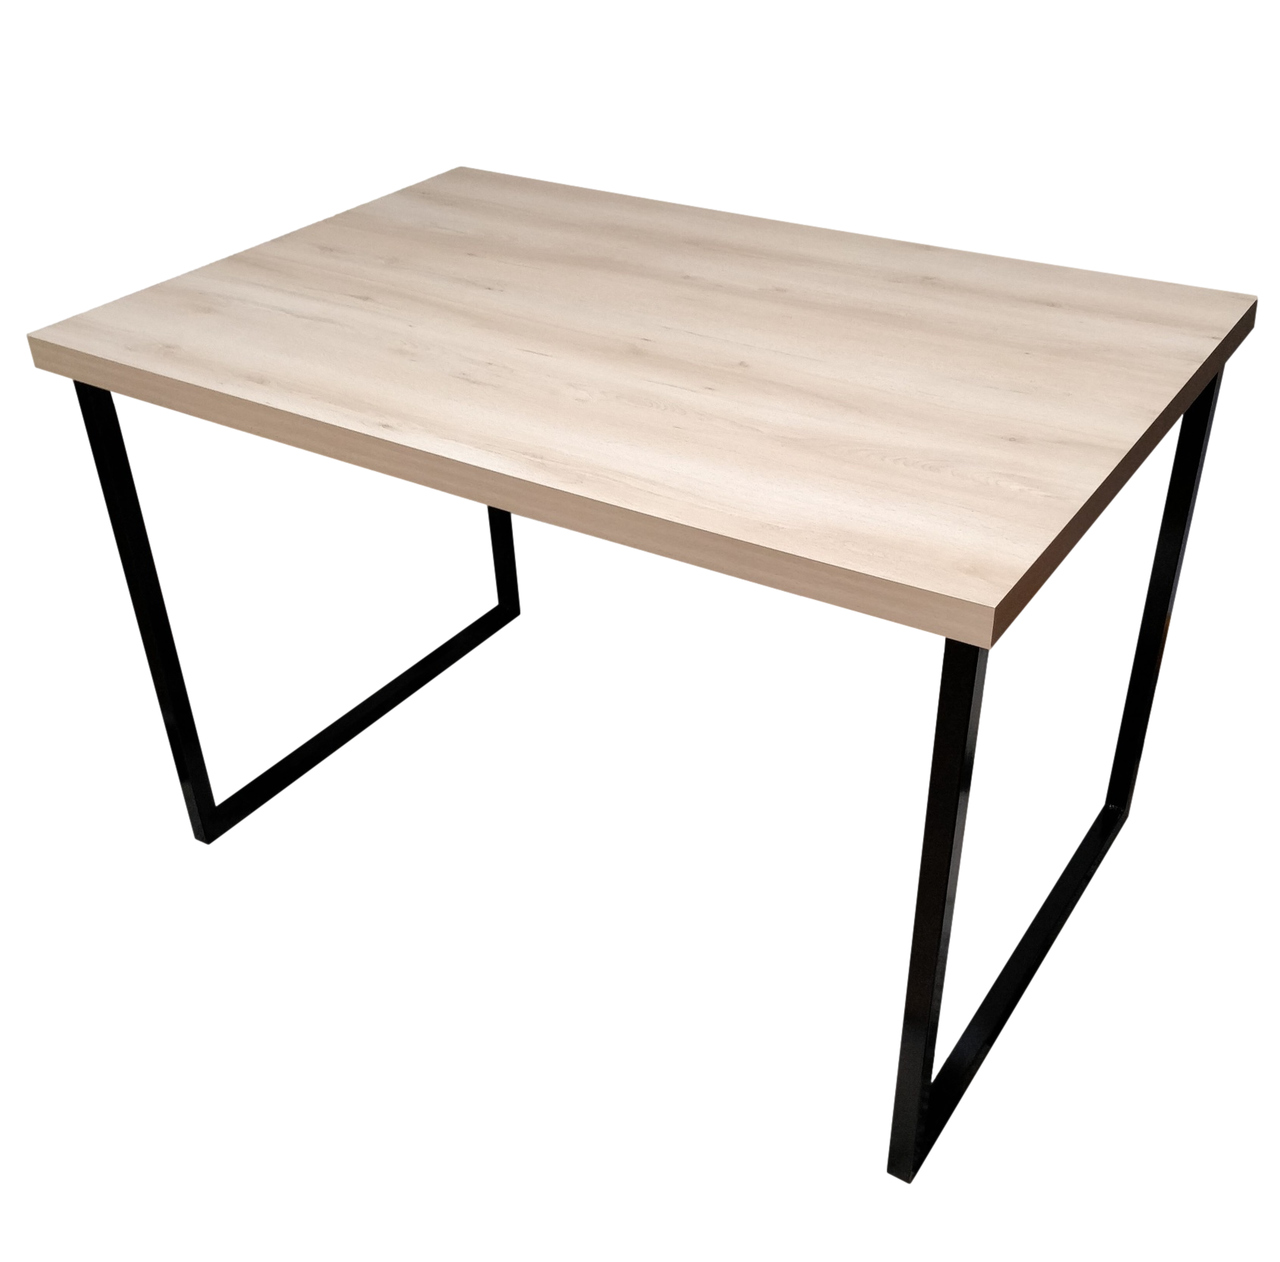 Mesas de Jantar sob medida com Squared Legs e Tampo 100% MDF